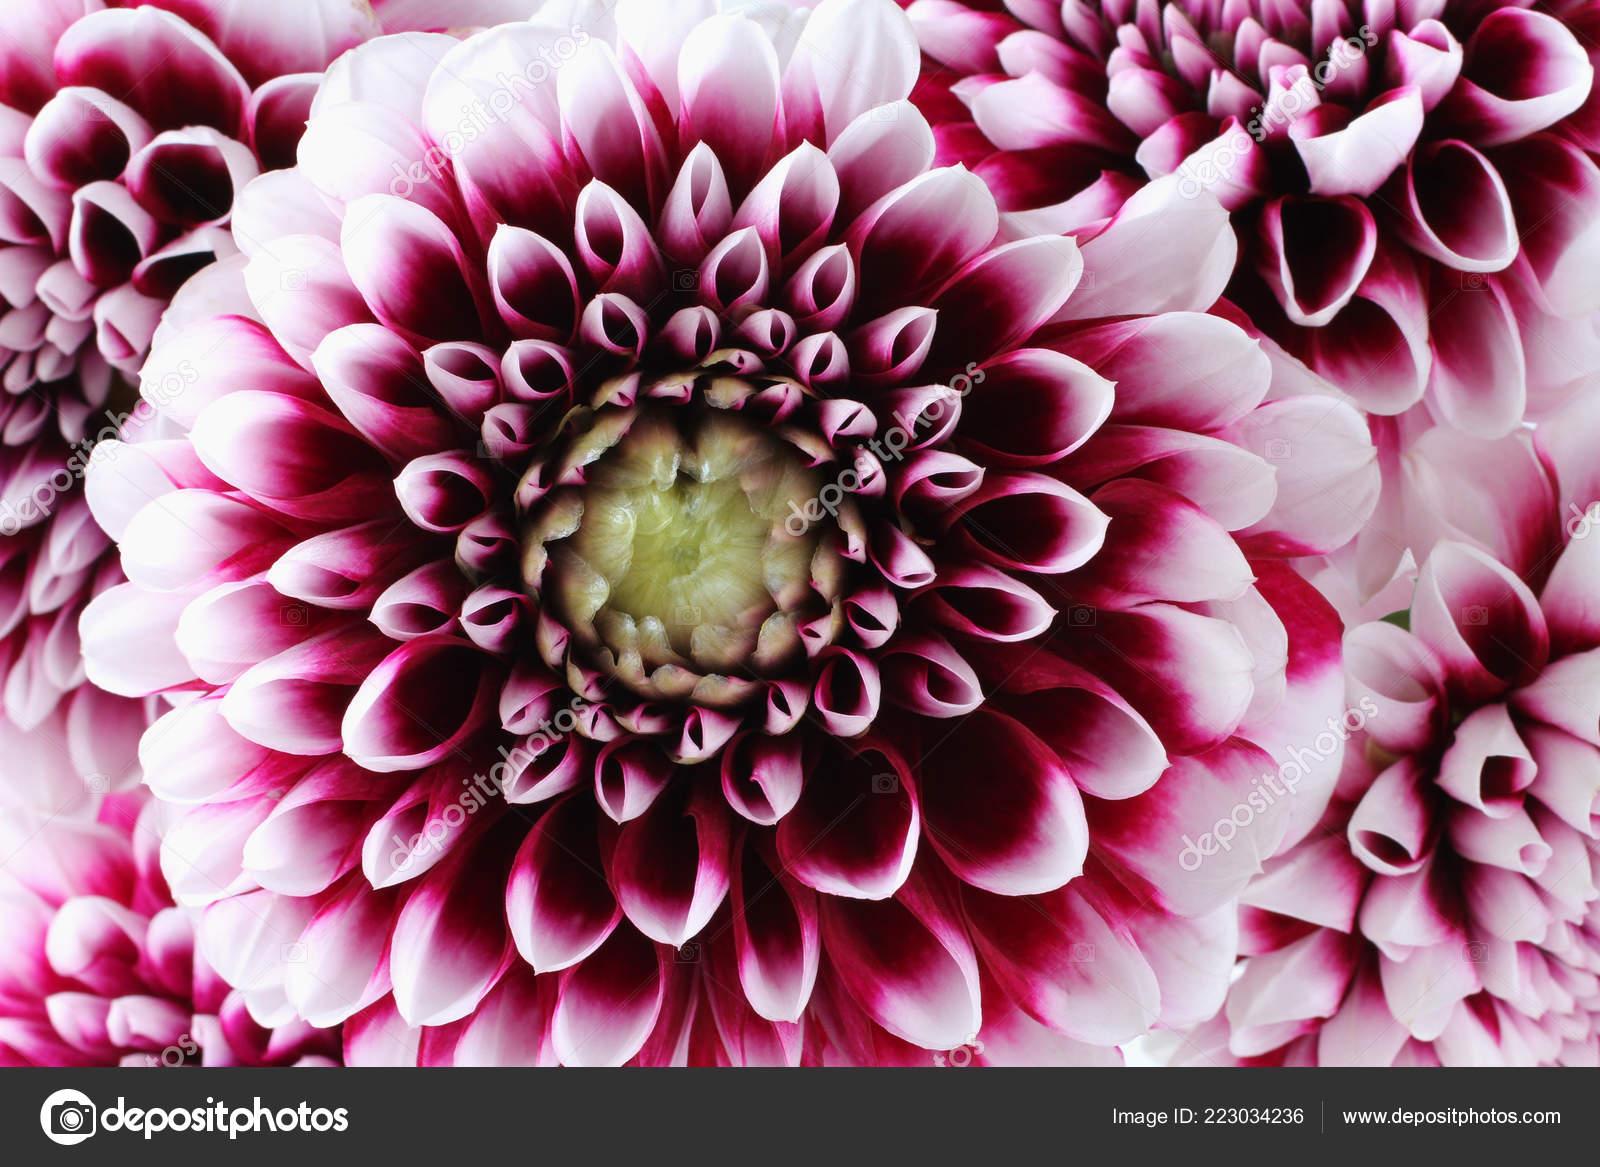 Bouquet Five Purple Dahlia White Edges Petals Flowers Closeup Macro Stock Photo C M Photographer 223034236